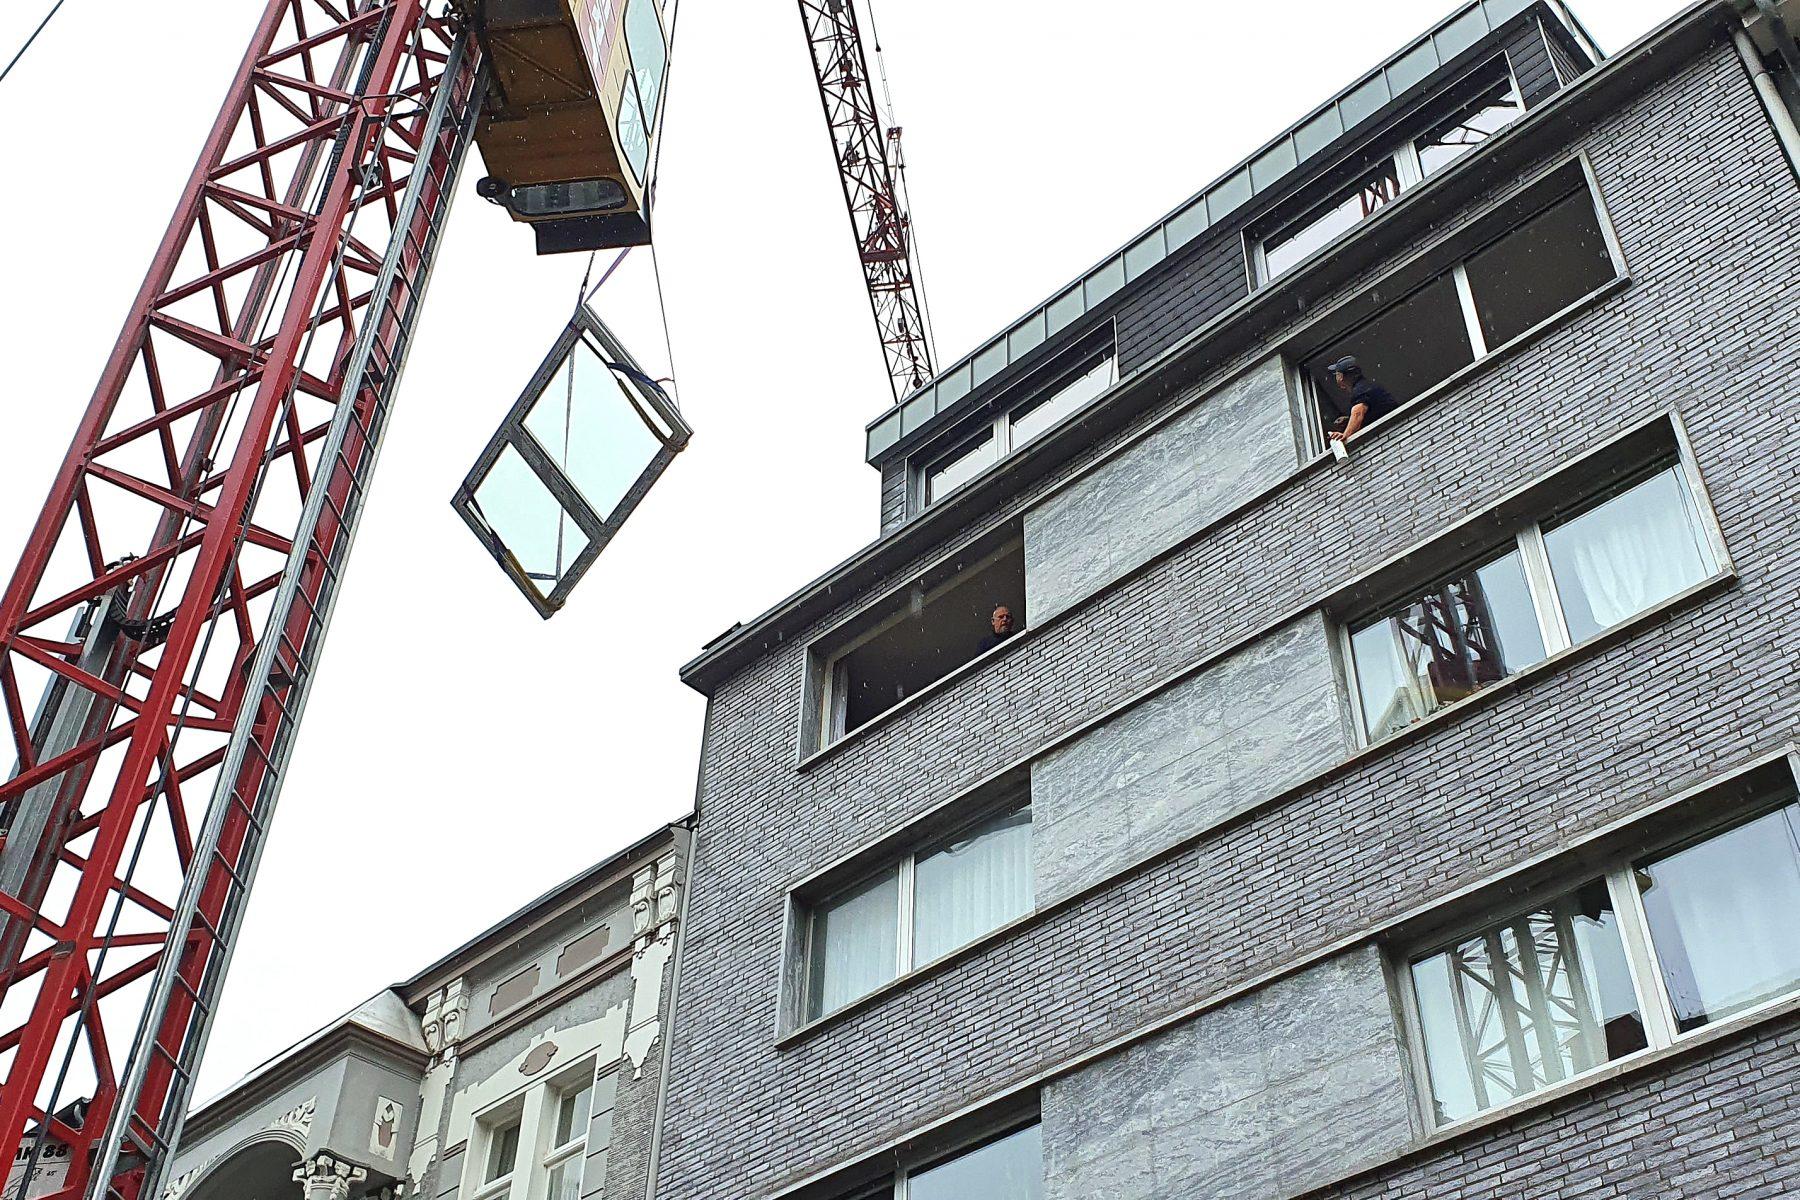 Kran hebt Fensterelement in den oberen Stock eines Hauses